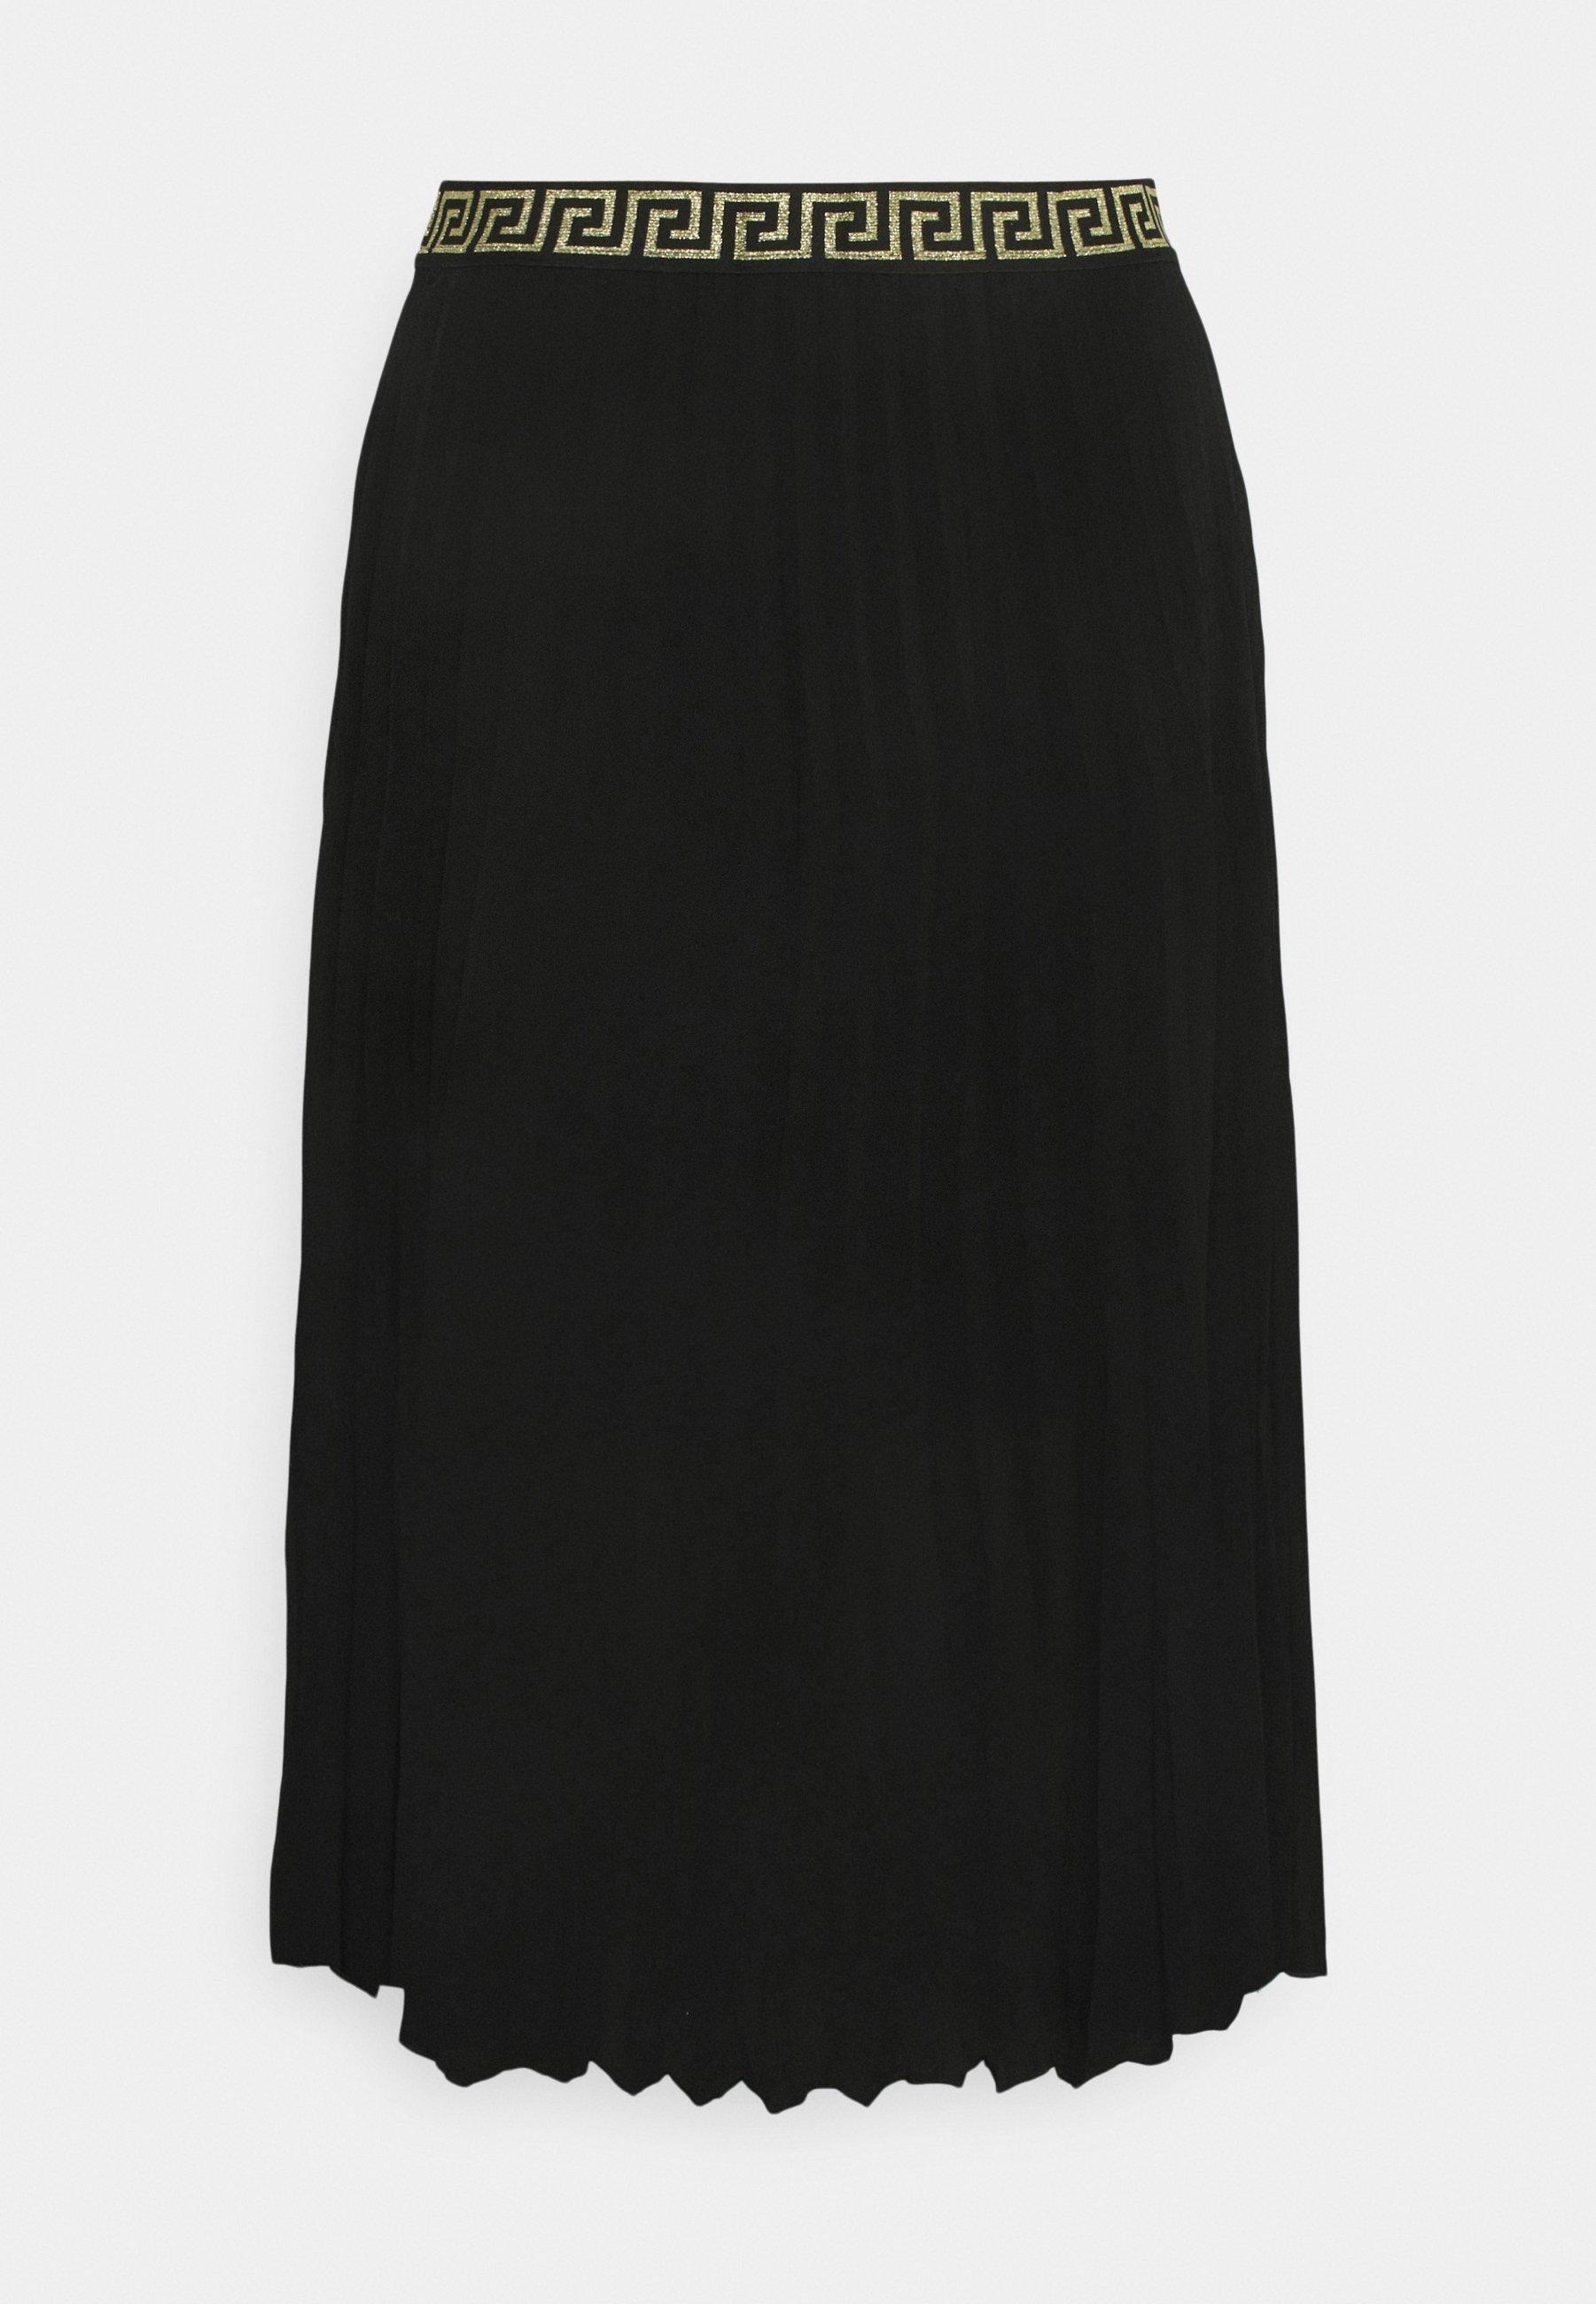 Femme PLEATED SKIRT WITH WAISTBAND - Jupe plissée